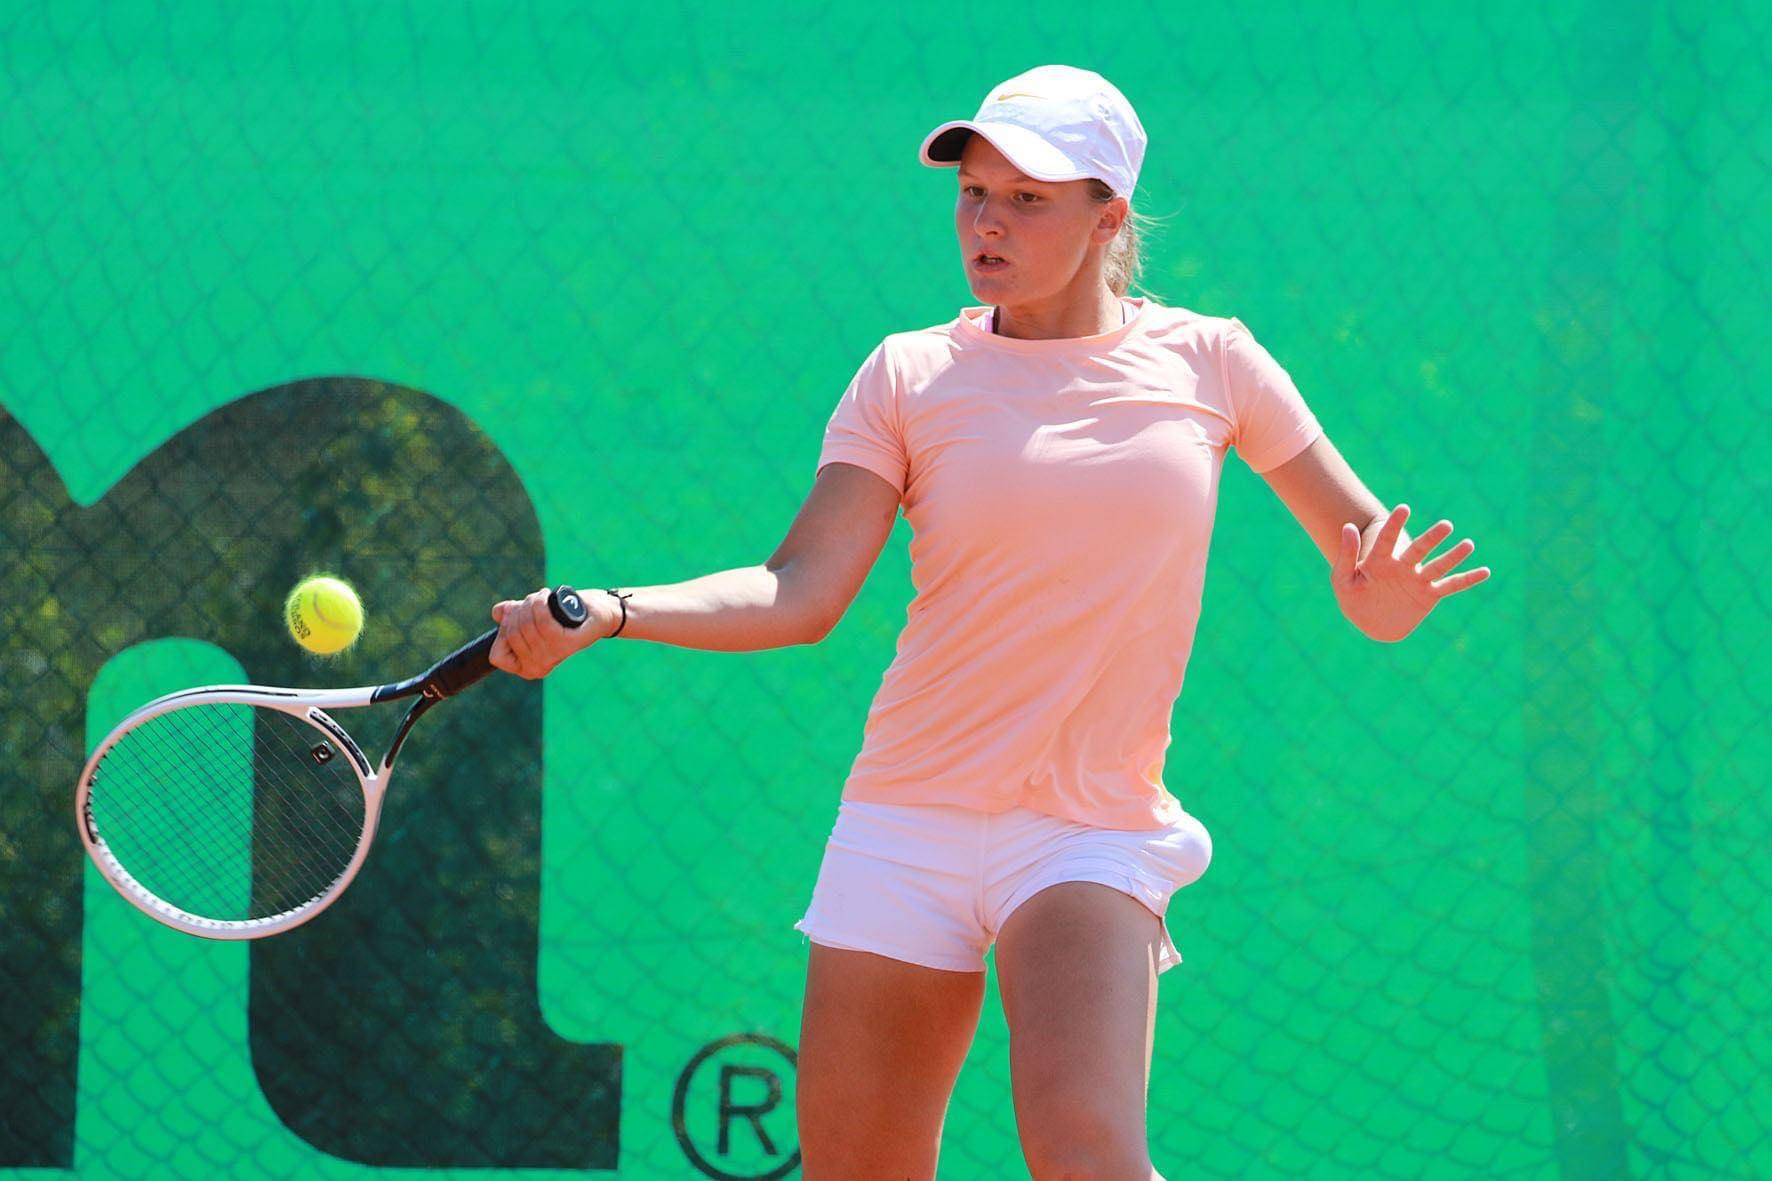 138542811 404066683987188 1506357356953587207 n - ITF: Italijanka v finalu preprečila popoln teden Lovričeve v Beljaku, v Mariboru dva naslova ostala doma